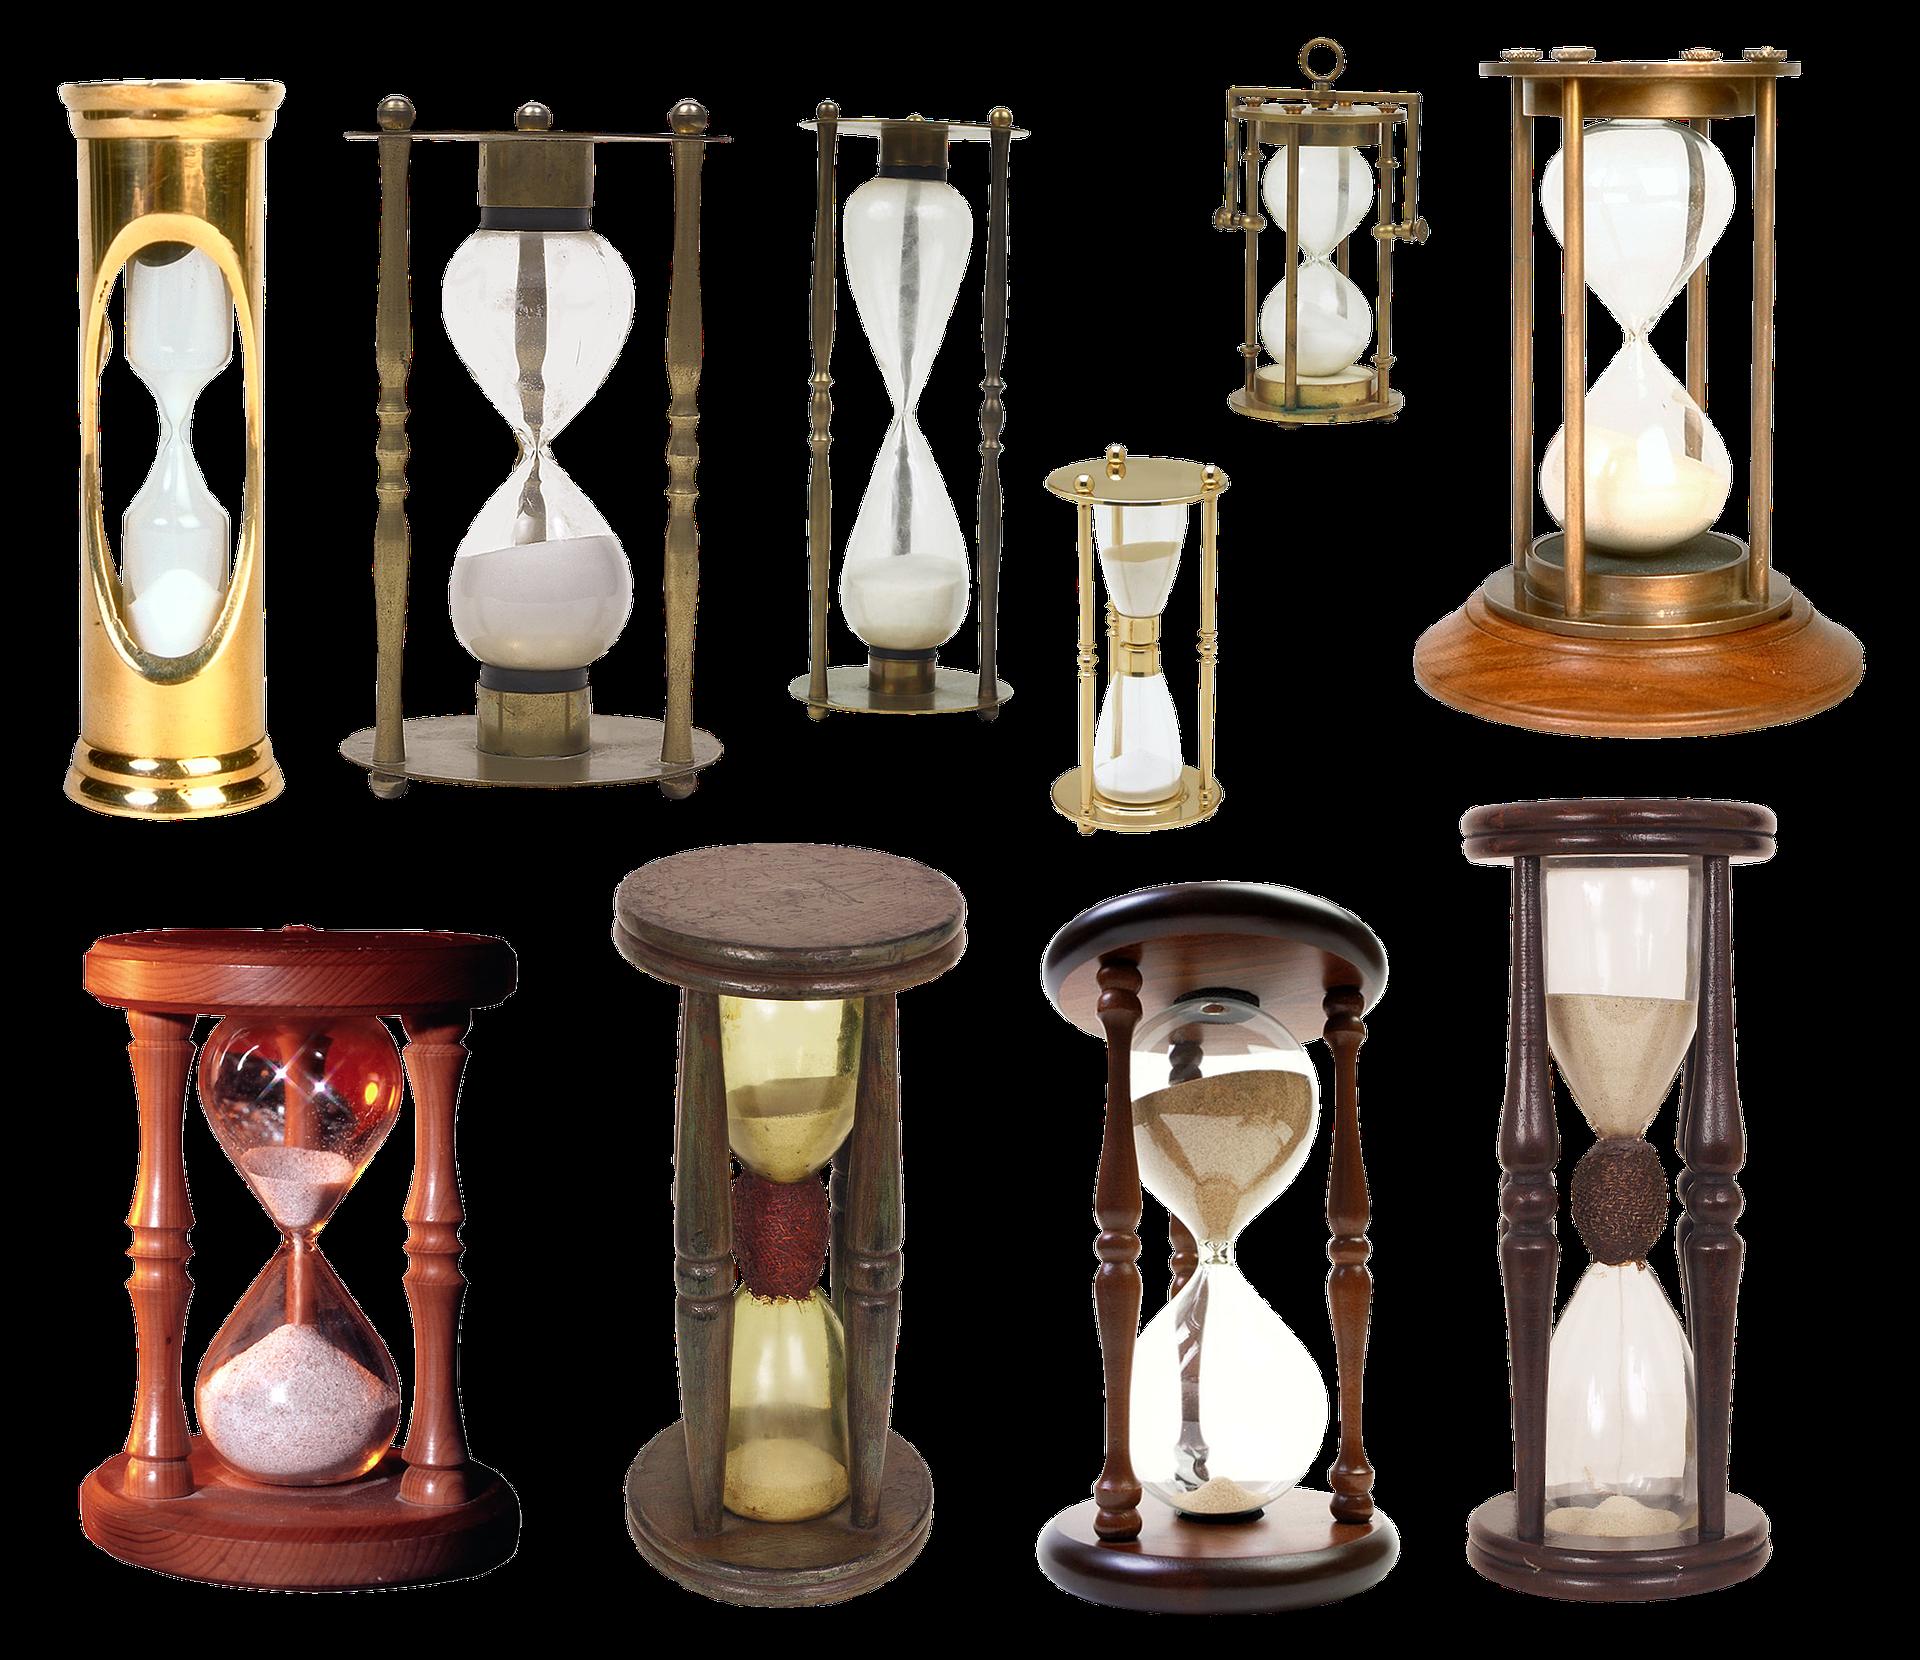 砂時計専門店「Sablier de Verrier」店主の和田朱美さんの経歴・プロフィールは?